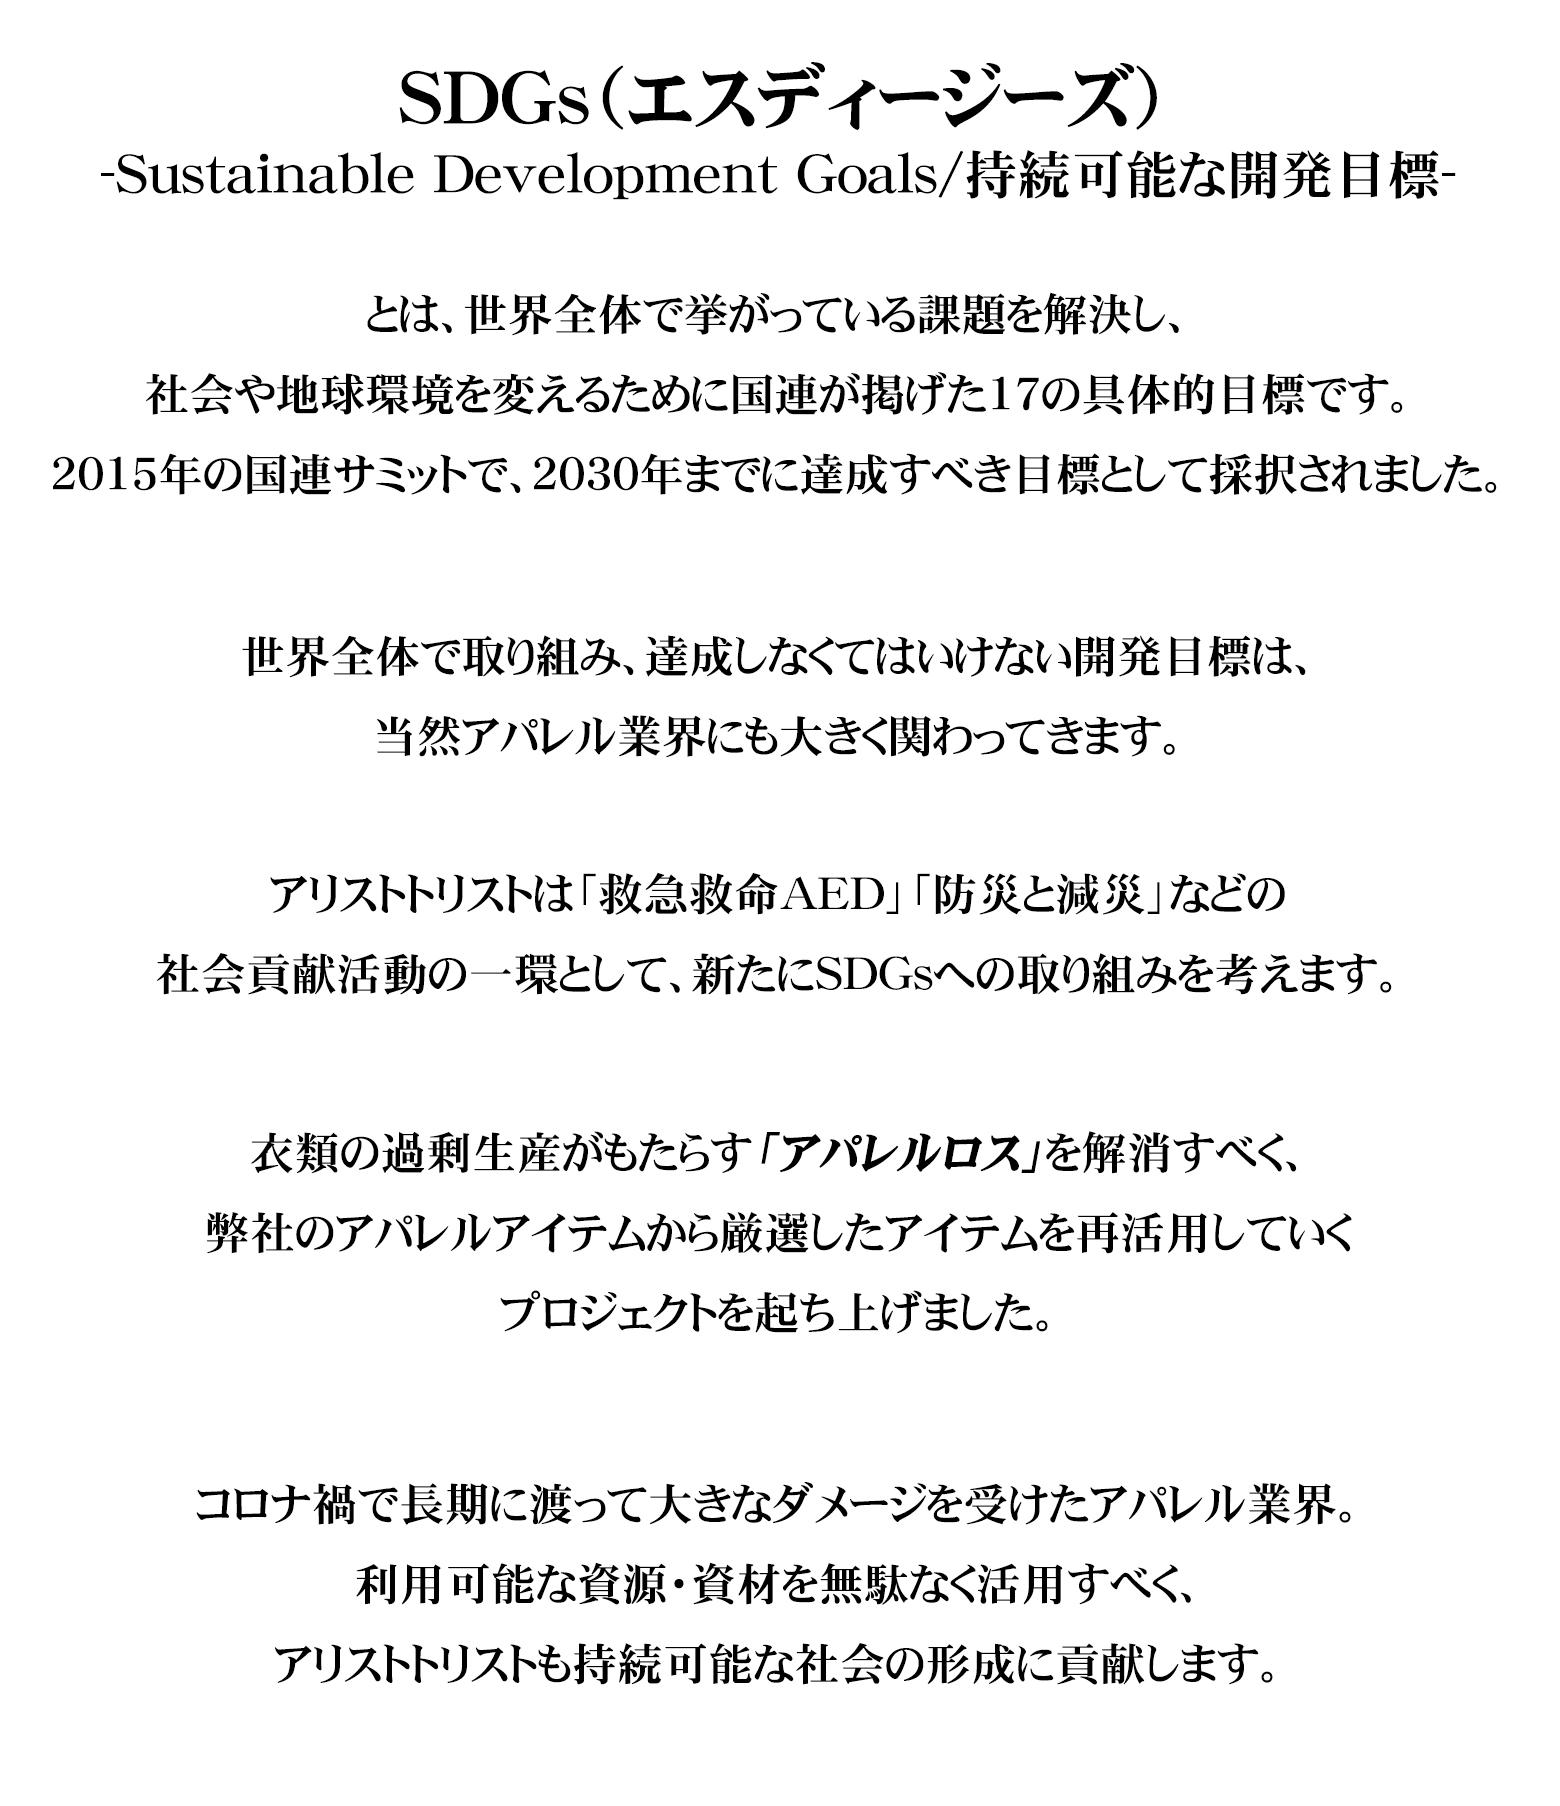 SDGs(エスディージーズSustainable Development Goals/持続可能な開発目標)とは、世界全体で挙がっている課題を解決し、社会や地球環境を変えるために国連が掲げた17の具体的目標です。2015年の国連サミットで、2030年までに達成すべき目標として採択されました。世界全体で取り組み、達成しなくてはいけない開発目標は、当然アパレル業界にも大きく関わってきます。アリストトリストは「救急救命AED」「防災と減災」などの社会貢献活動の一環として新たにSDGsへの取り組みを考えます。衣類の過剰生産がもたらす「アパレルロス」を解消すべく、既存のアパレルから厳選したアイテムをリメイクするプロジェクトを起ち上げました。コロナ禍で長期に渡って大きなダメージを受けたアパレル業界。利用可能な資源・資材を無駄なく活用すべく、アリストトリストも持続可能な社会の形成に貢献します。